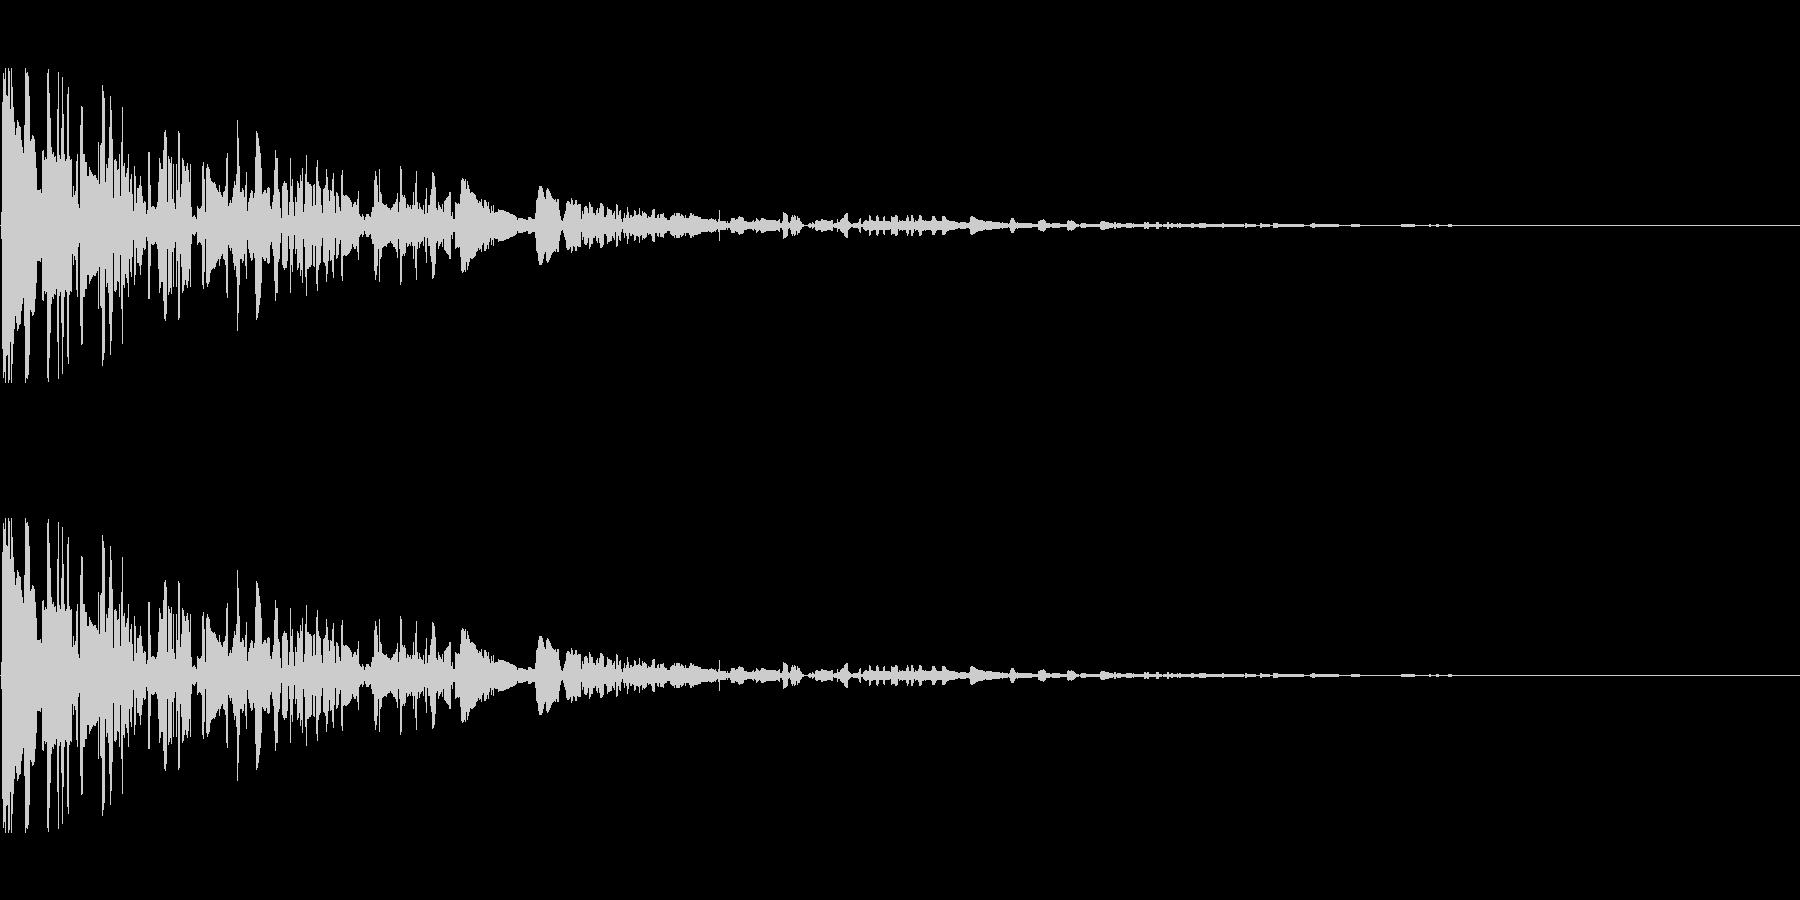 ドサッ(落下や倒れる衝撃音)01の未再生の波形